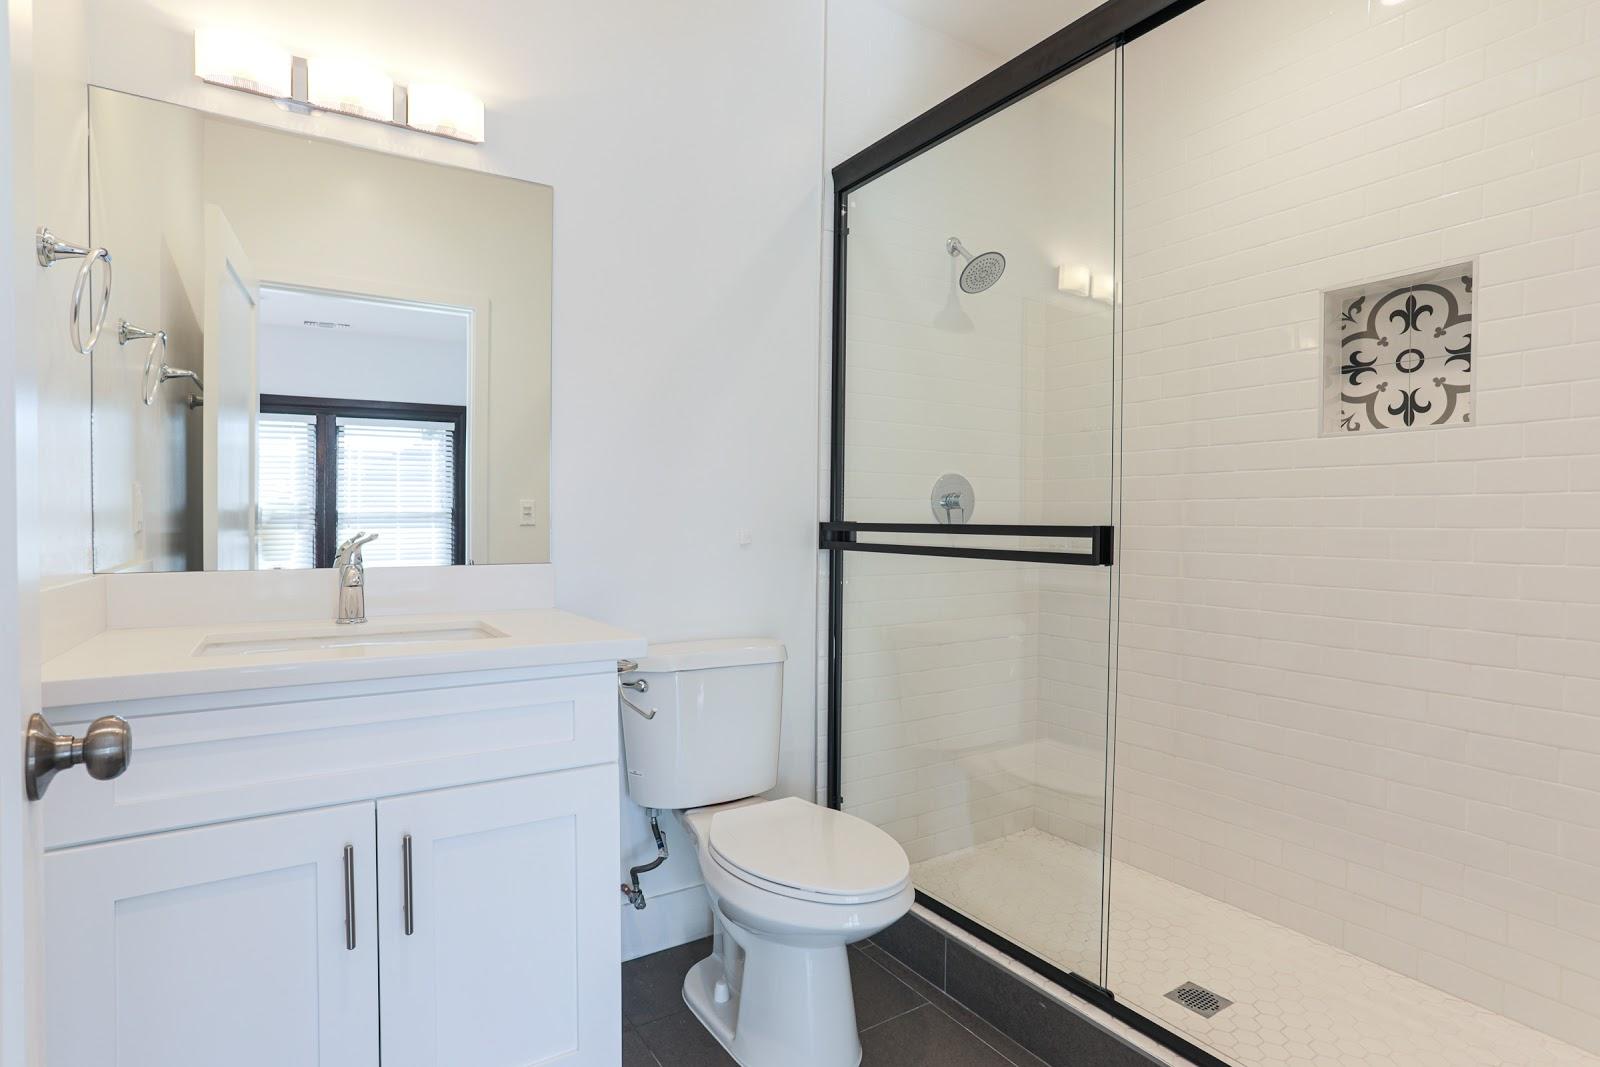 Clean Tripalink restroom